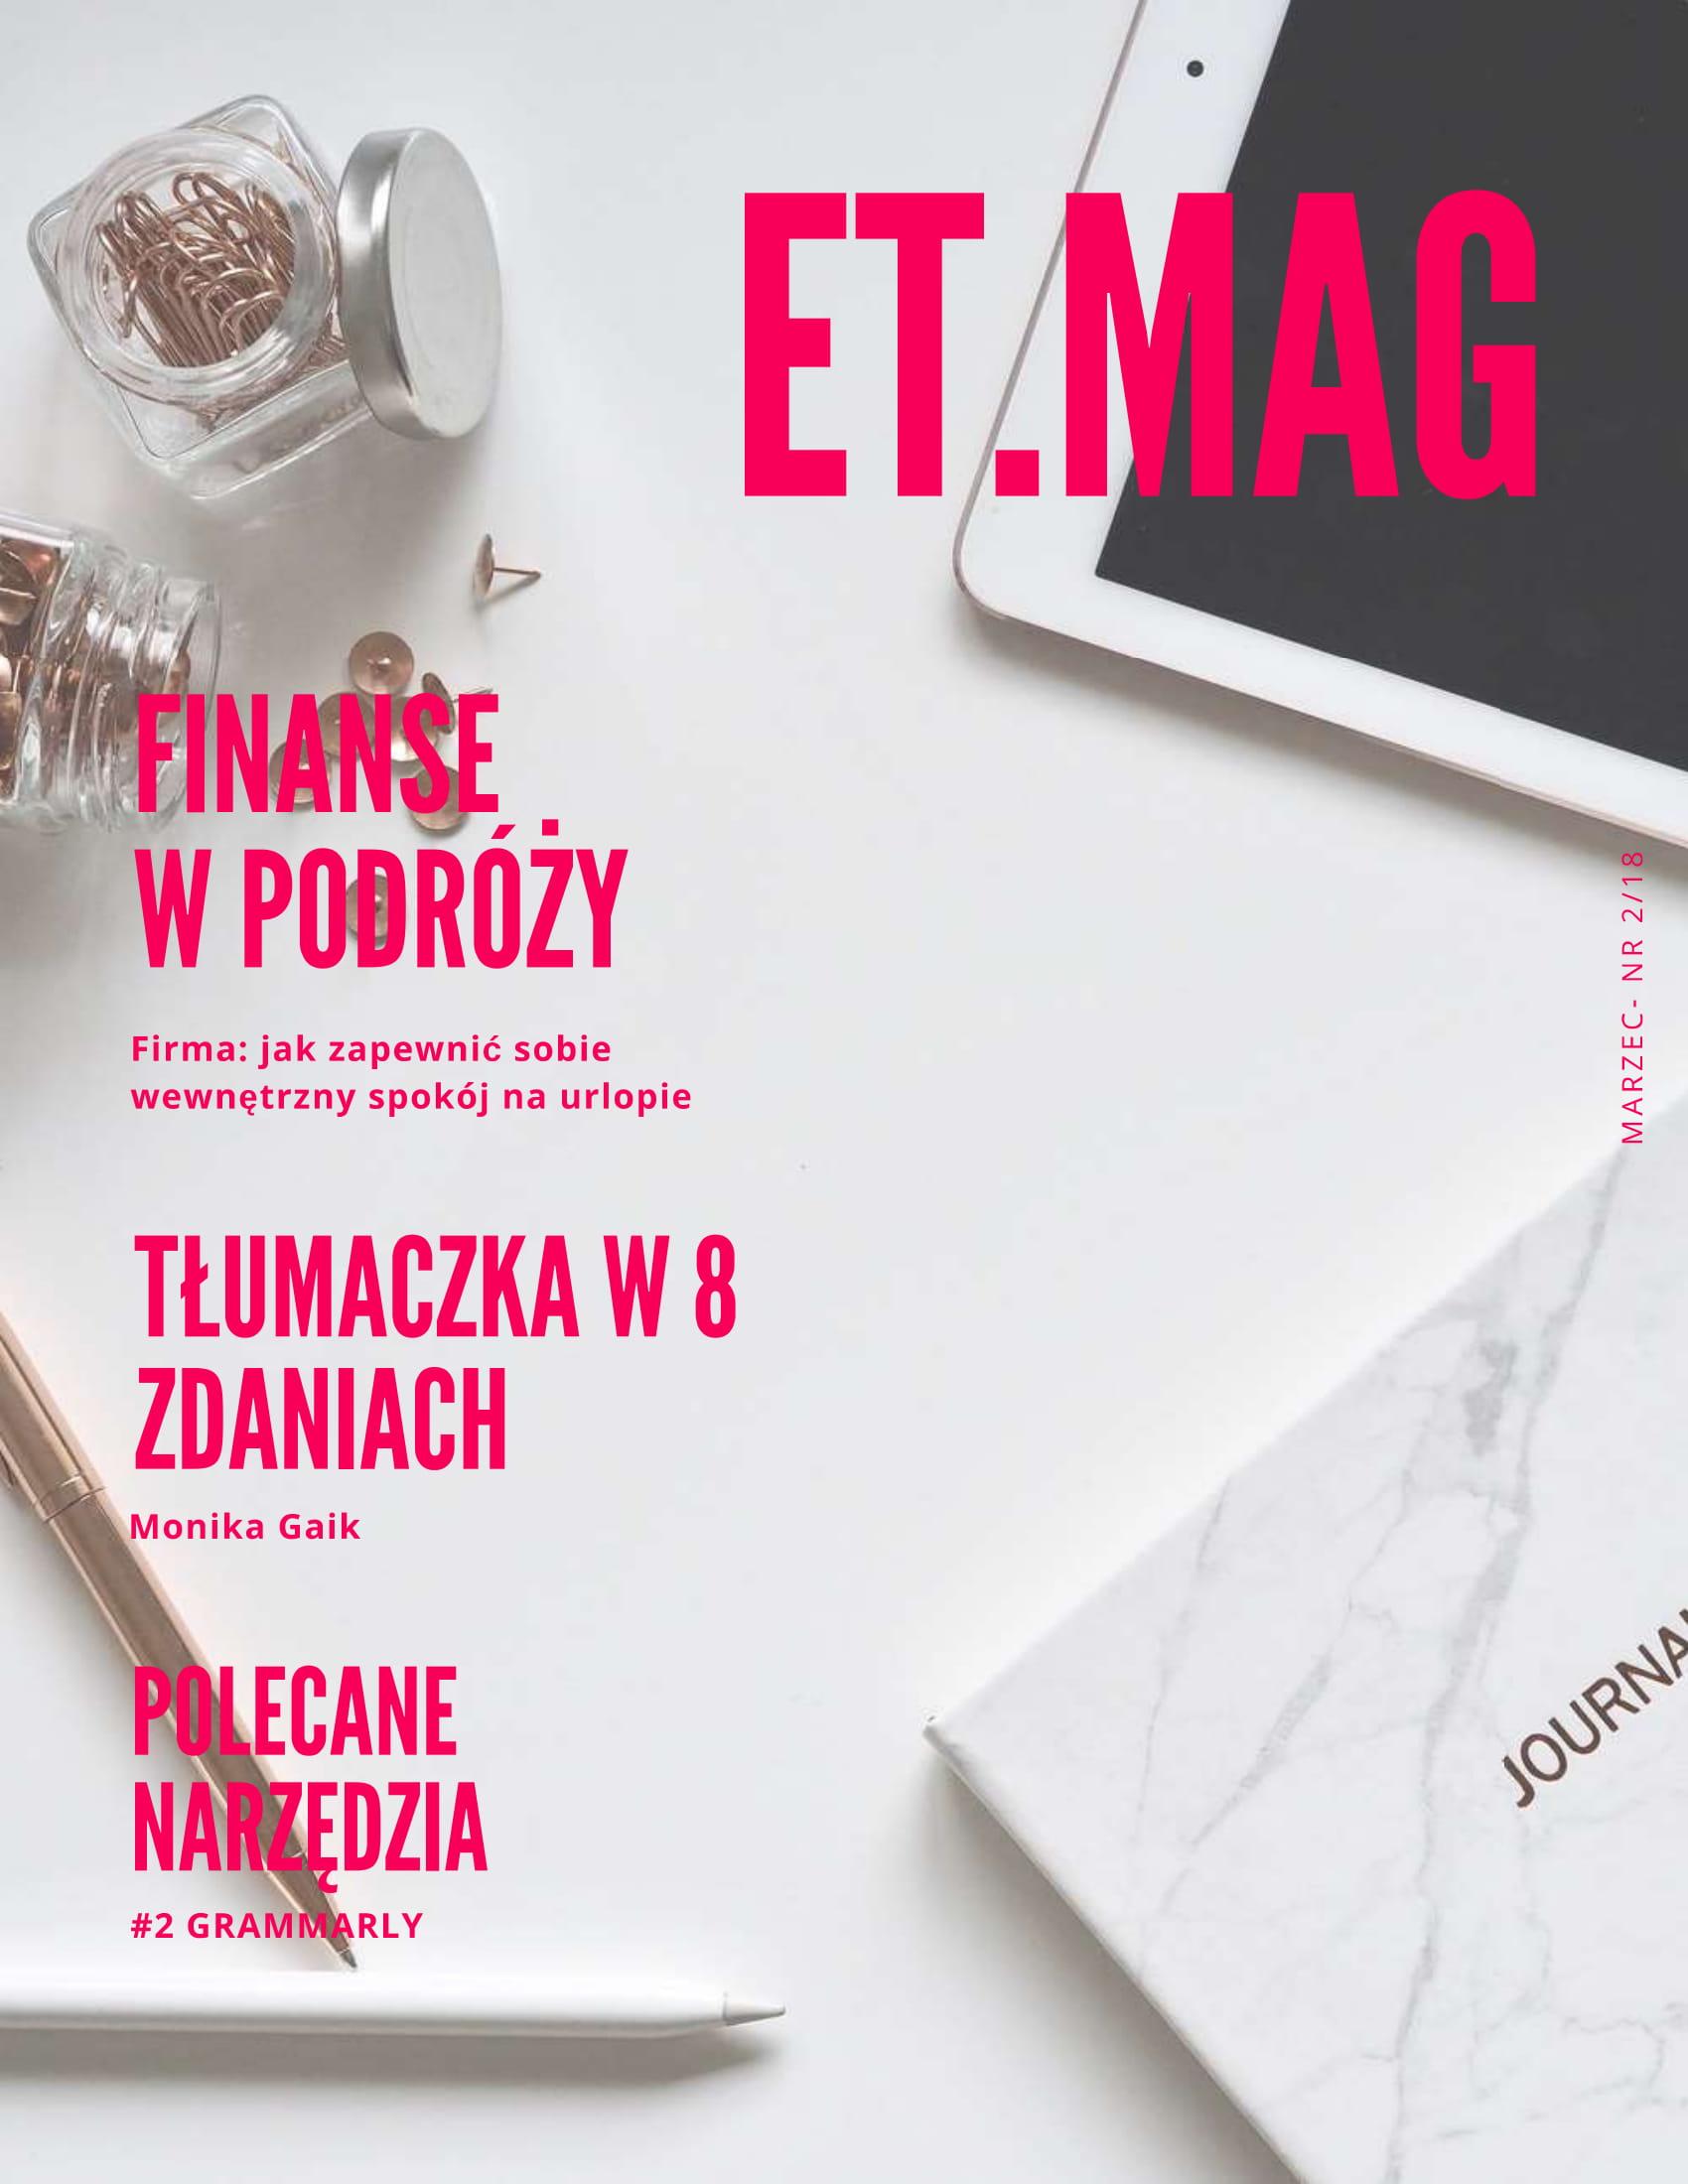 ET.mag_Tłumaczka języka hiszpańskiego-Monika Gaik-Sensu Stricto